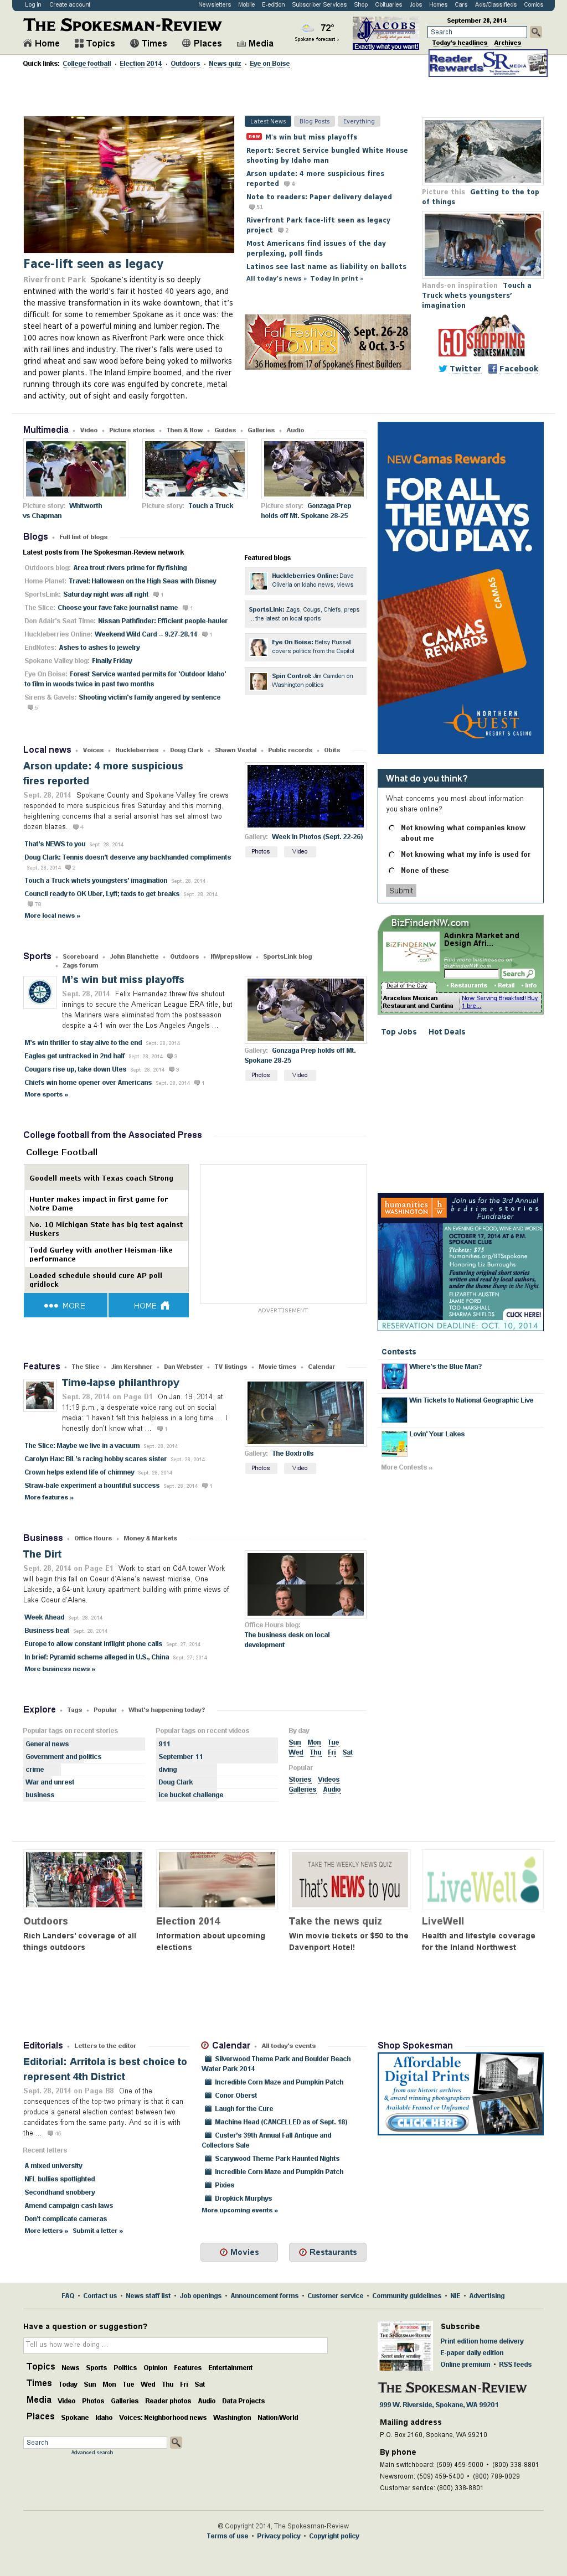 The (Spokane) Spokesman-Review at Monday Sept. 29, 2014, 1:17 a.m. UTC